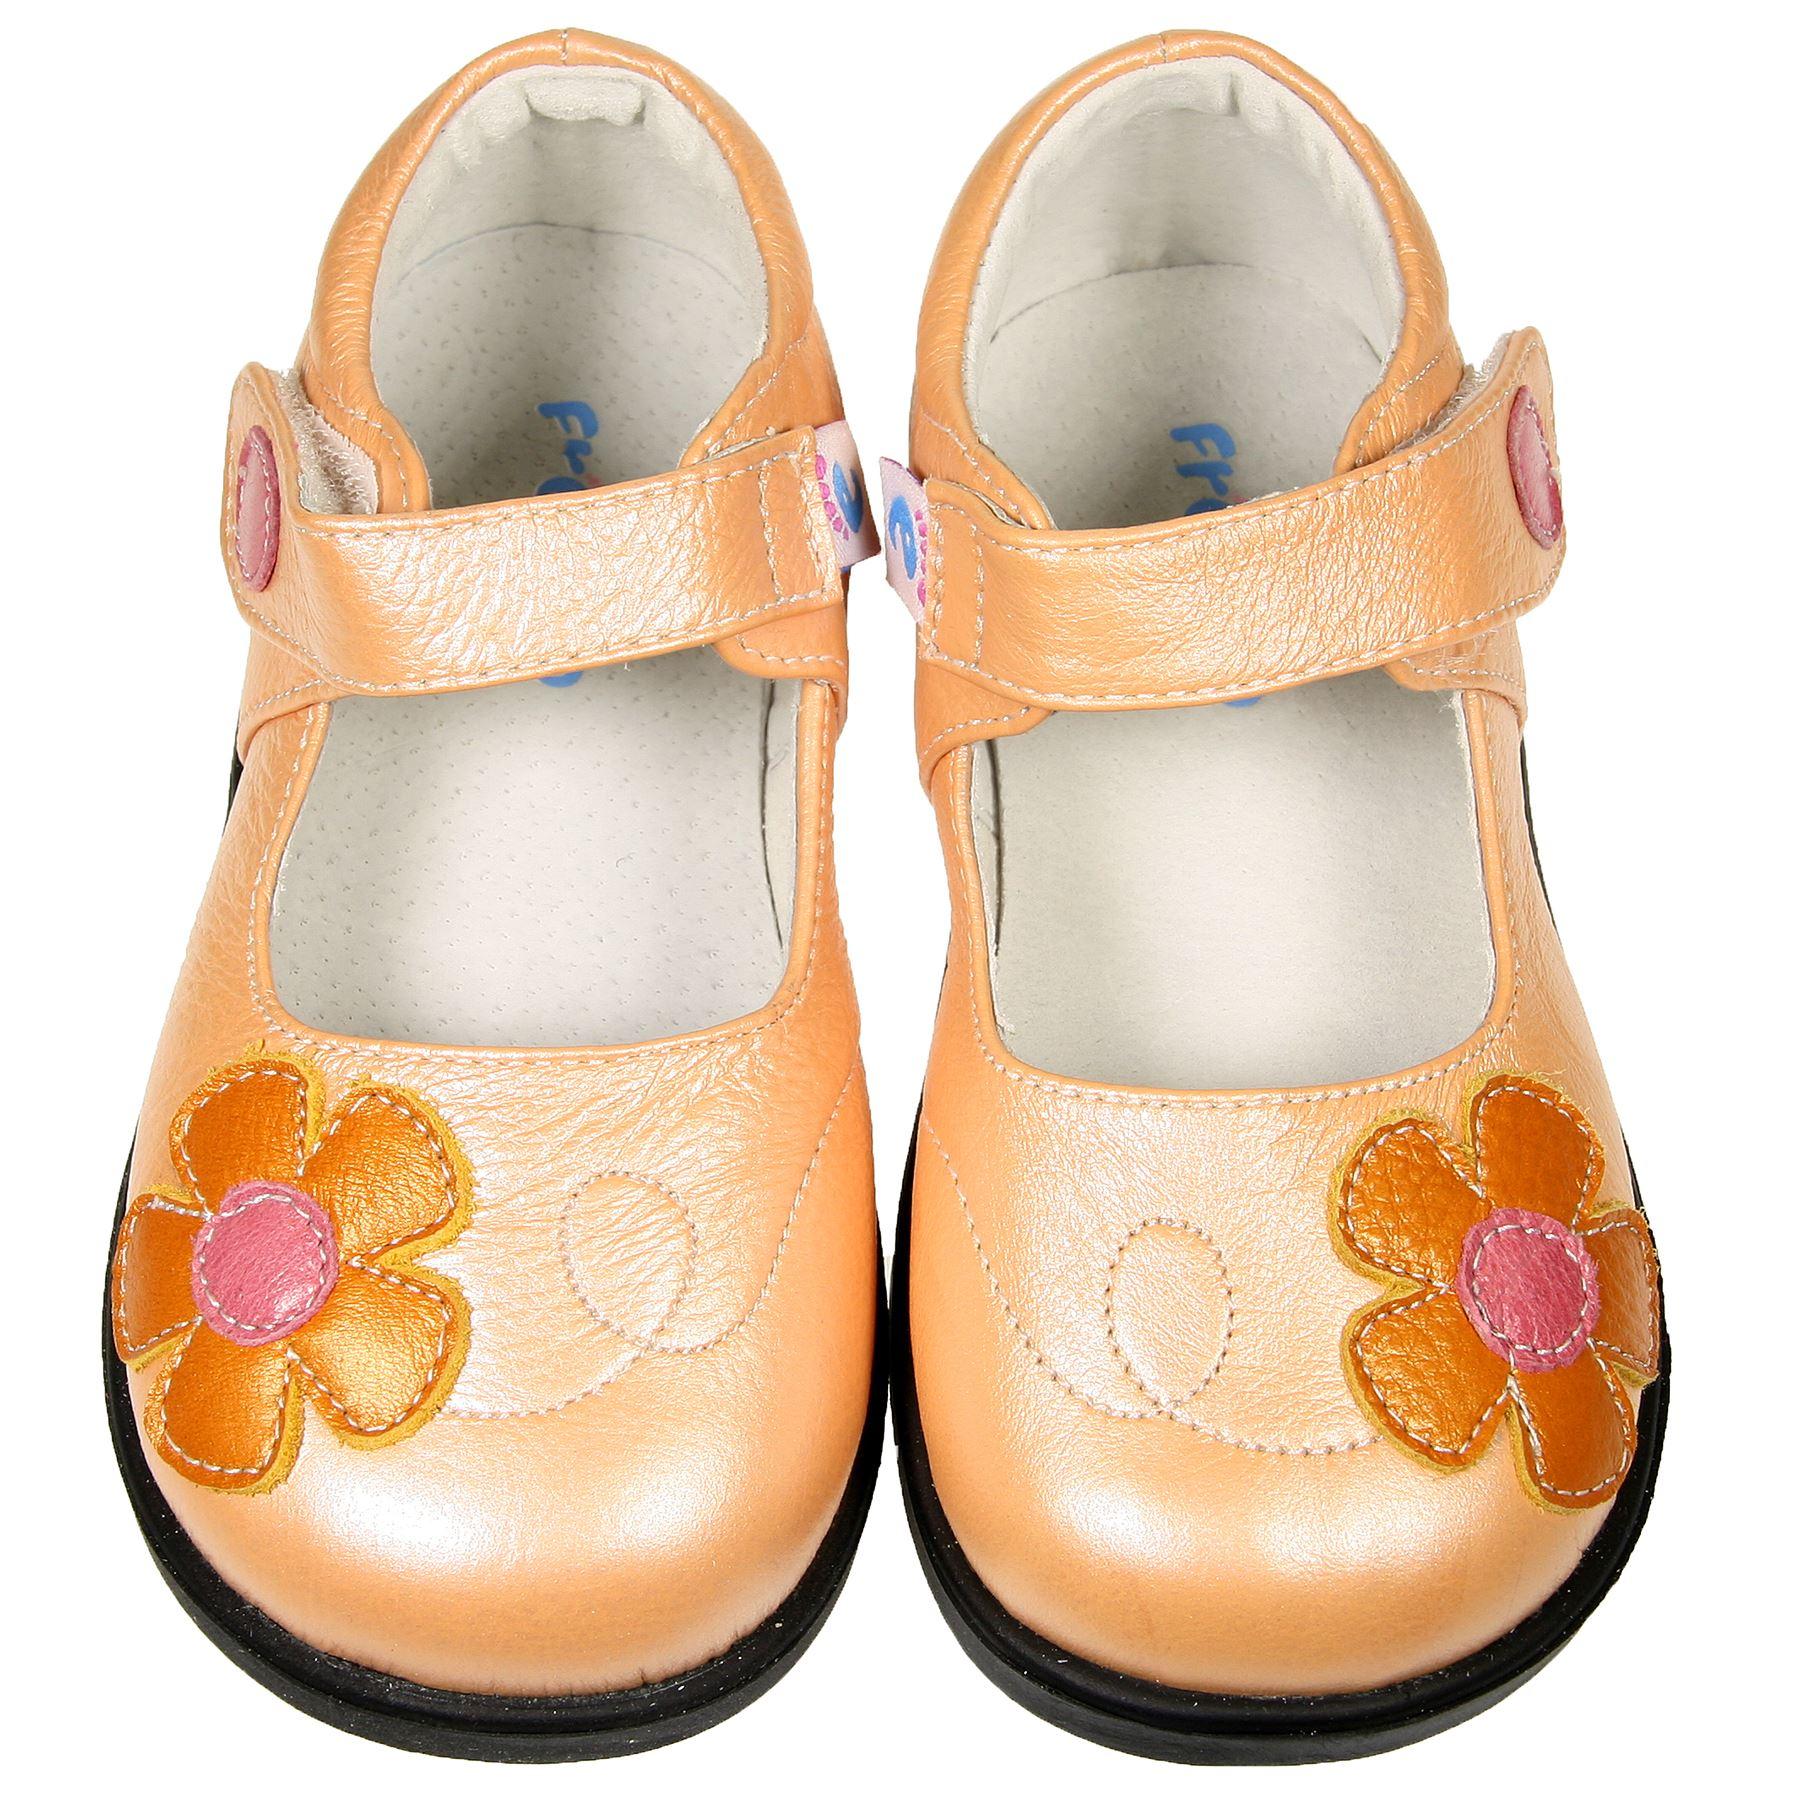 Zapatos para Niña Bebé Infantiles Piel Auténtica naranja pálido cierre de velcro